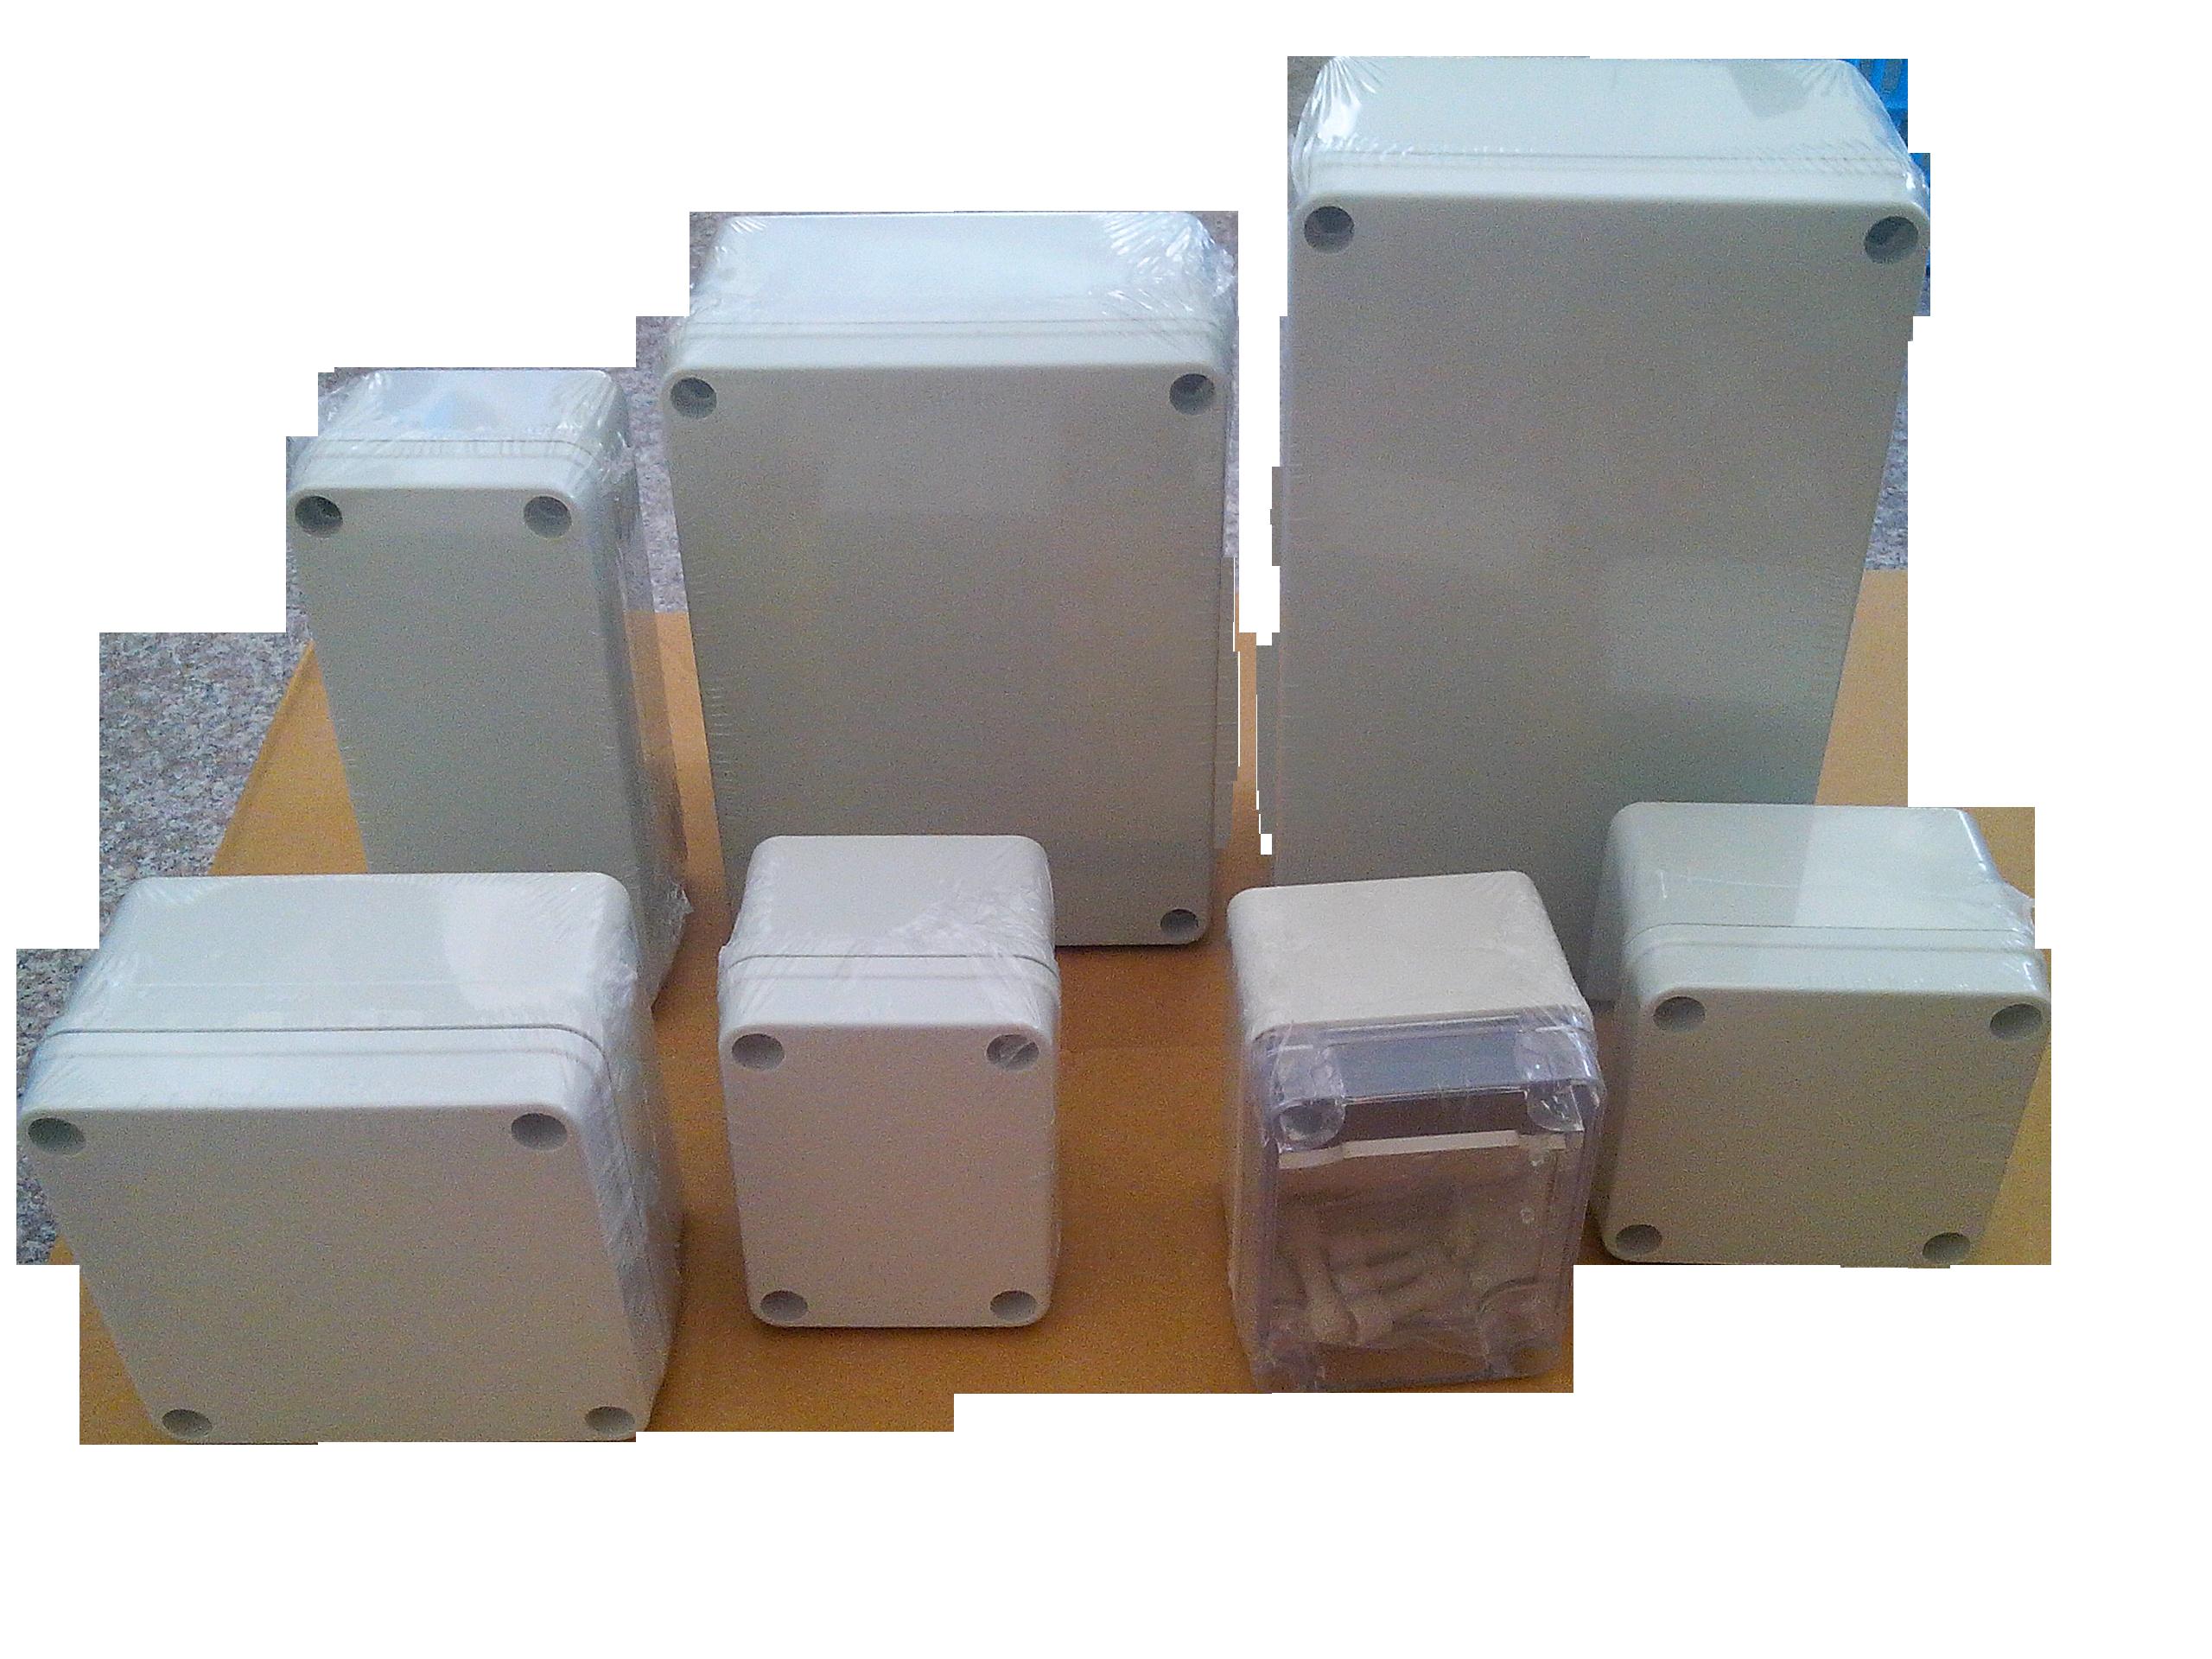 Meba waterproof switch box MB-EN